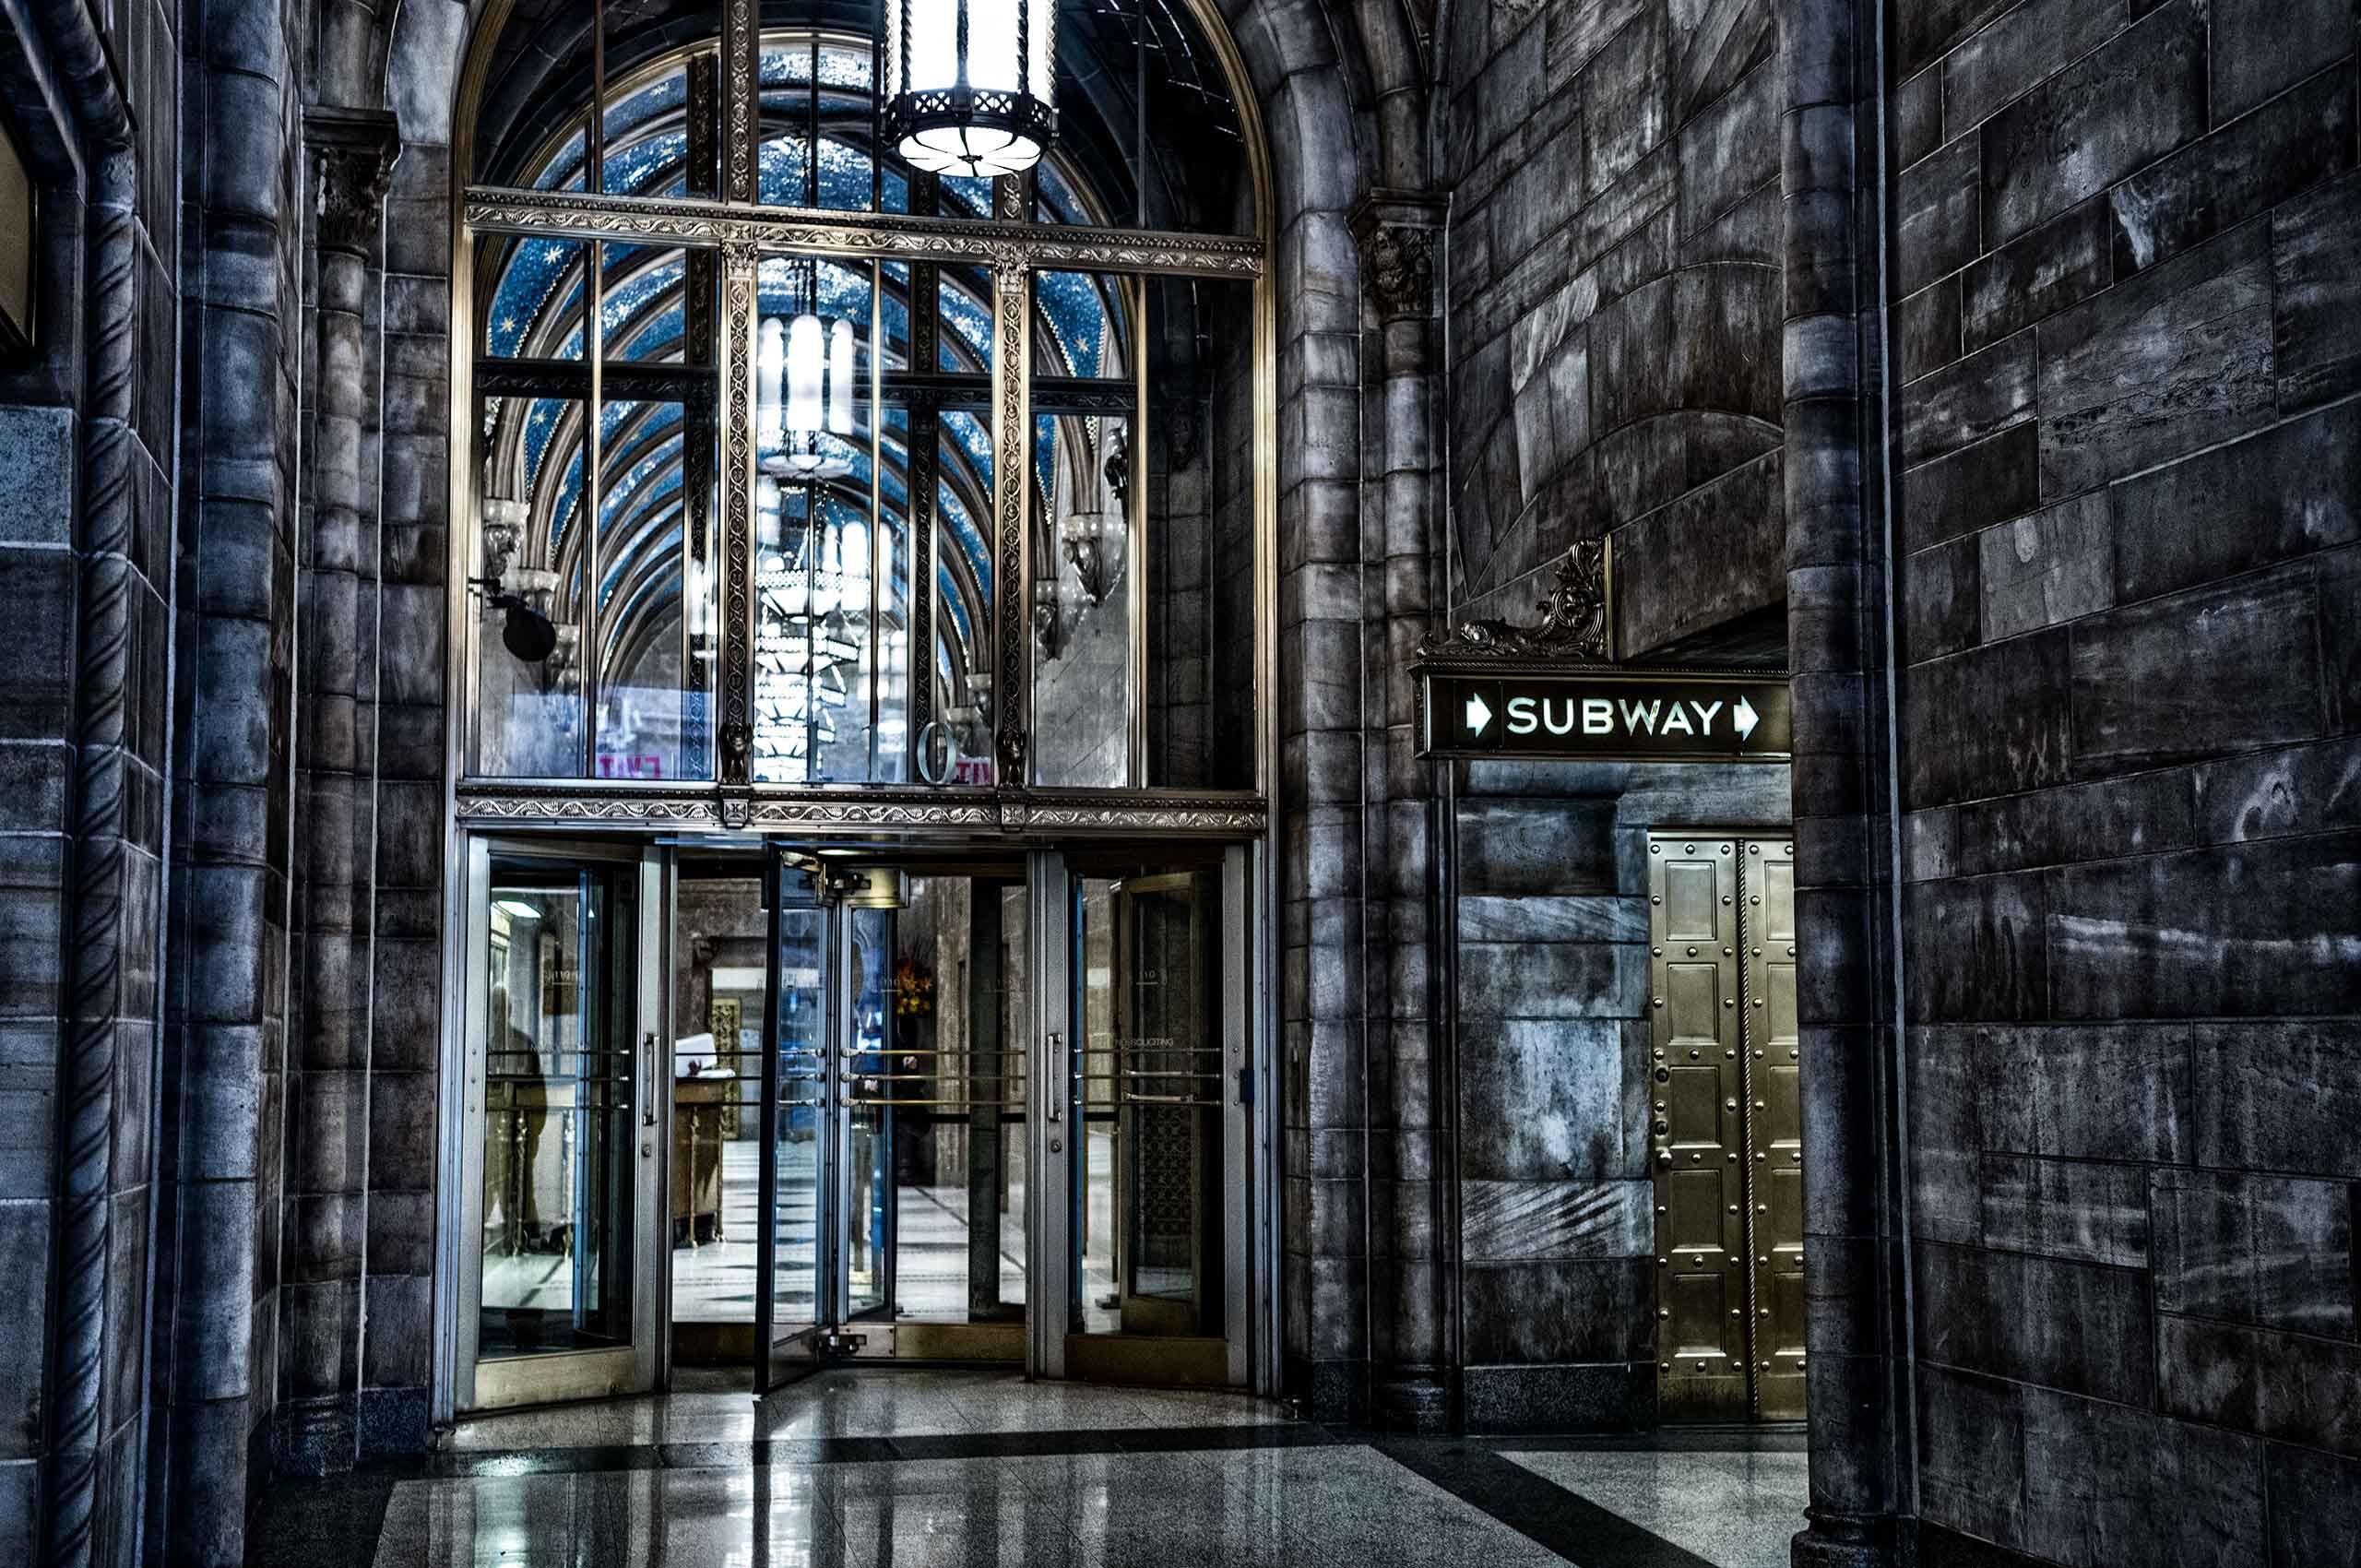 newyorksubwaystation-by-HenrikOlundPhotography.jpg